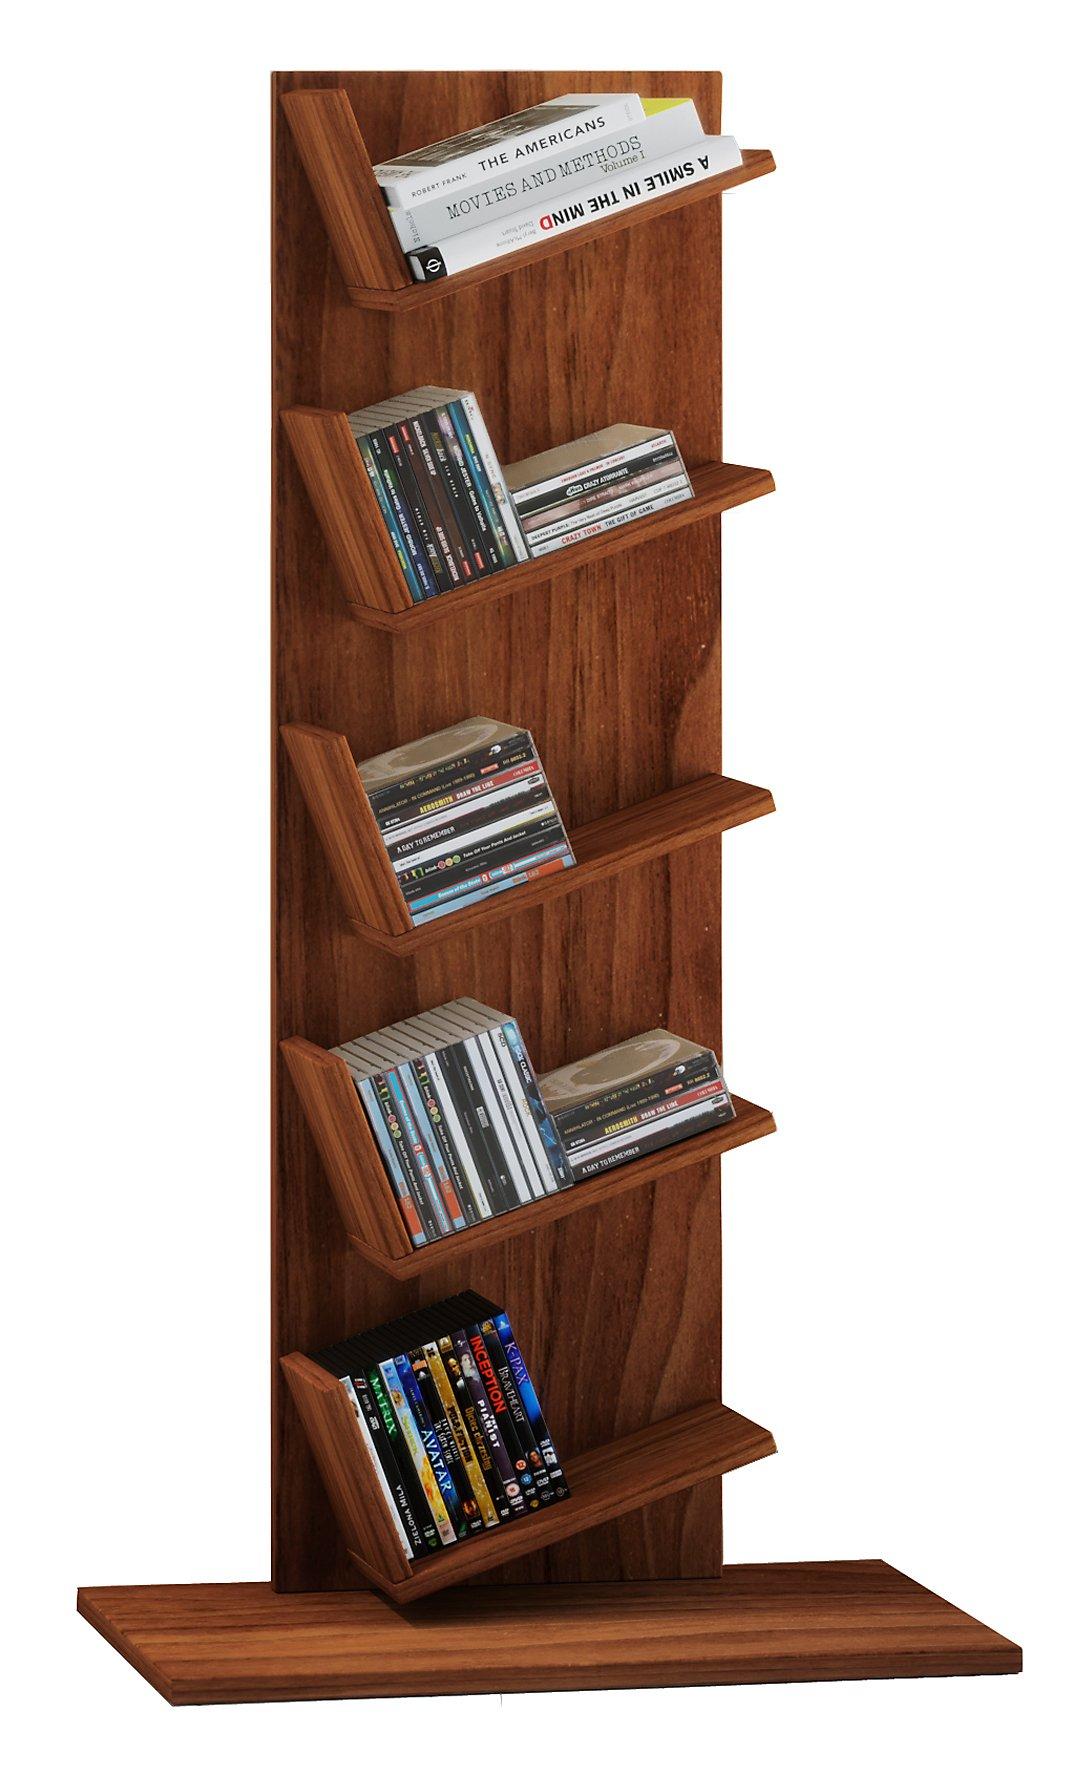 Berühmt VCM Regal Standregal Bücherregal Möbel Holz Büro Aufbewahrung JL99